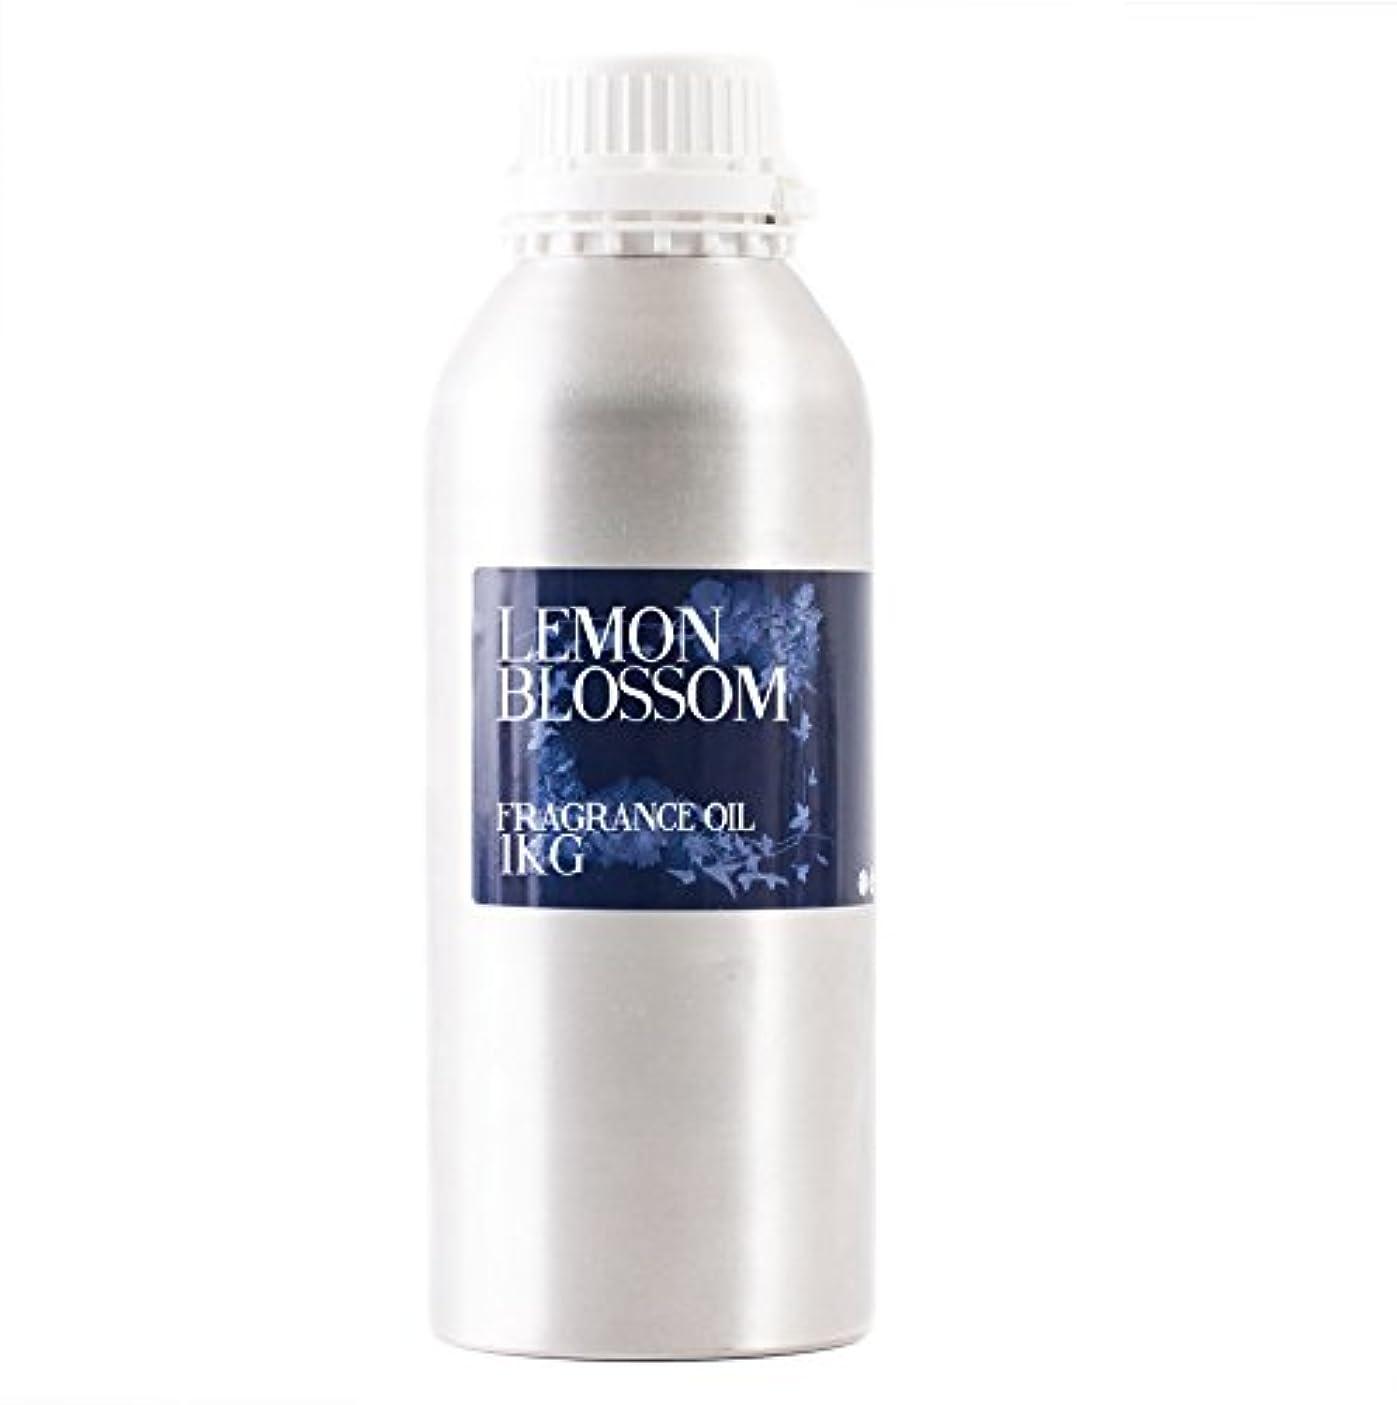 マイクロフォン異邦人重要な役割を果たす、中心的な手段となるMystic Moments   Lemon Blossom Fragrance Oil - 1Kg